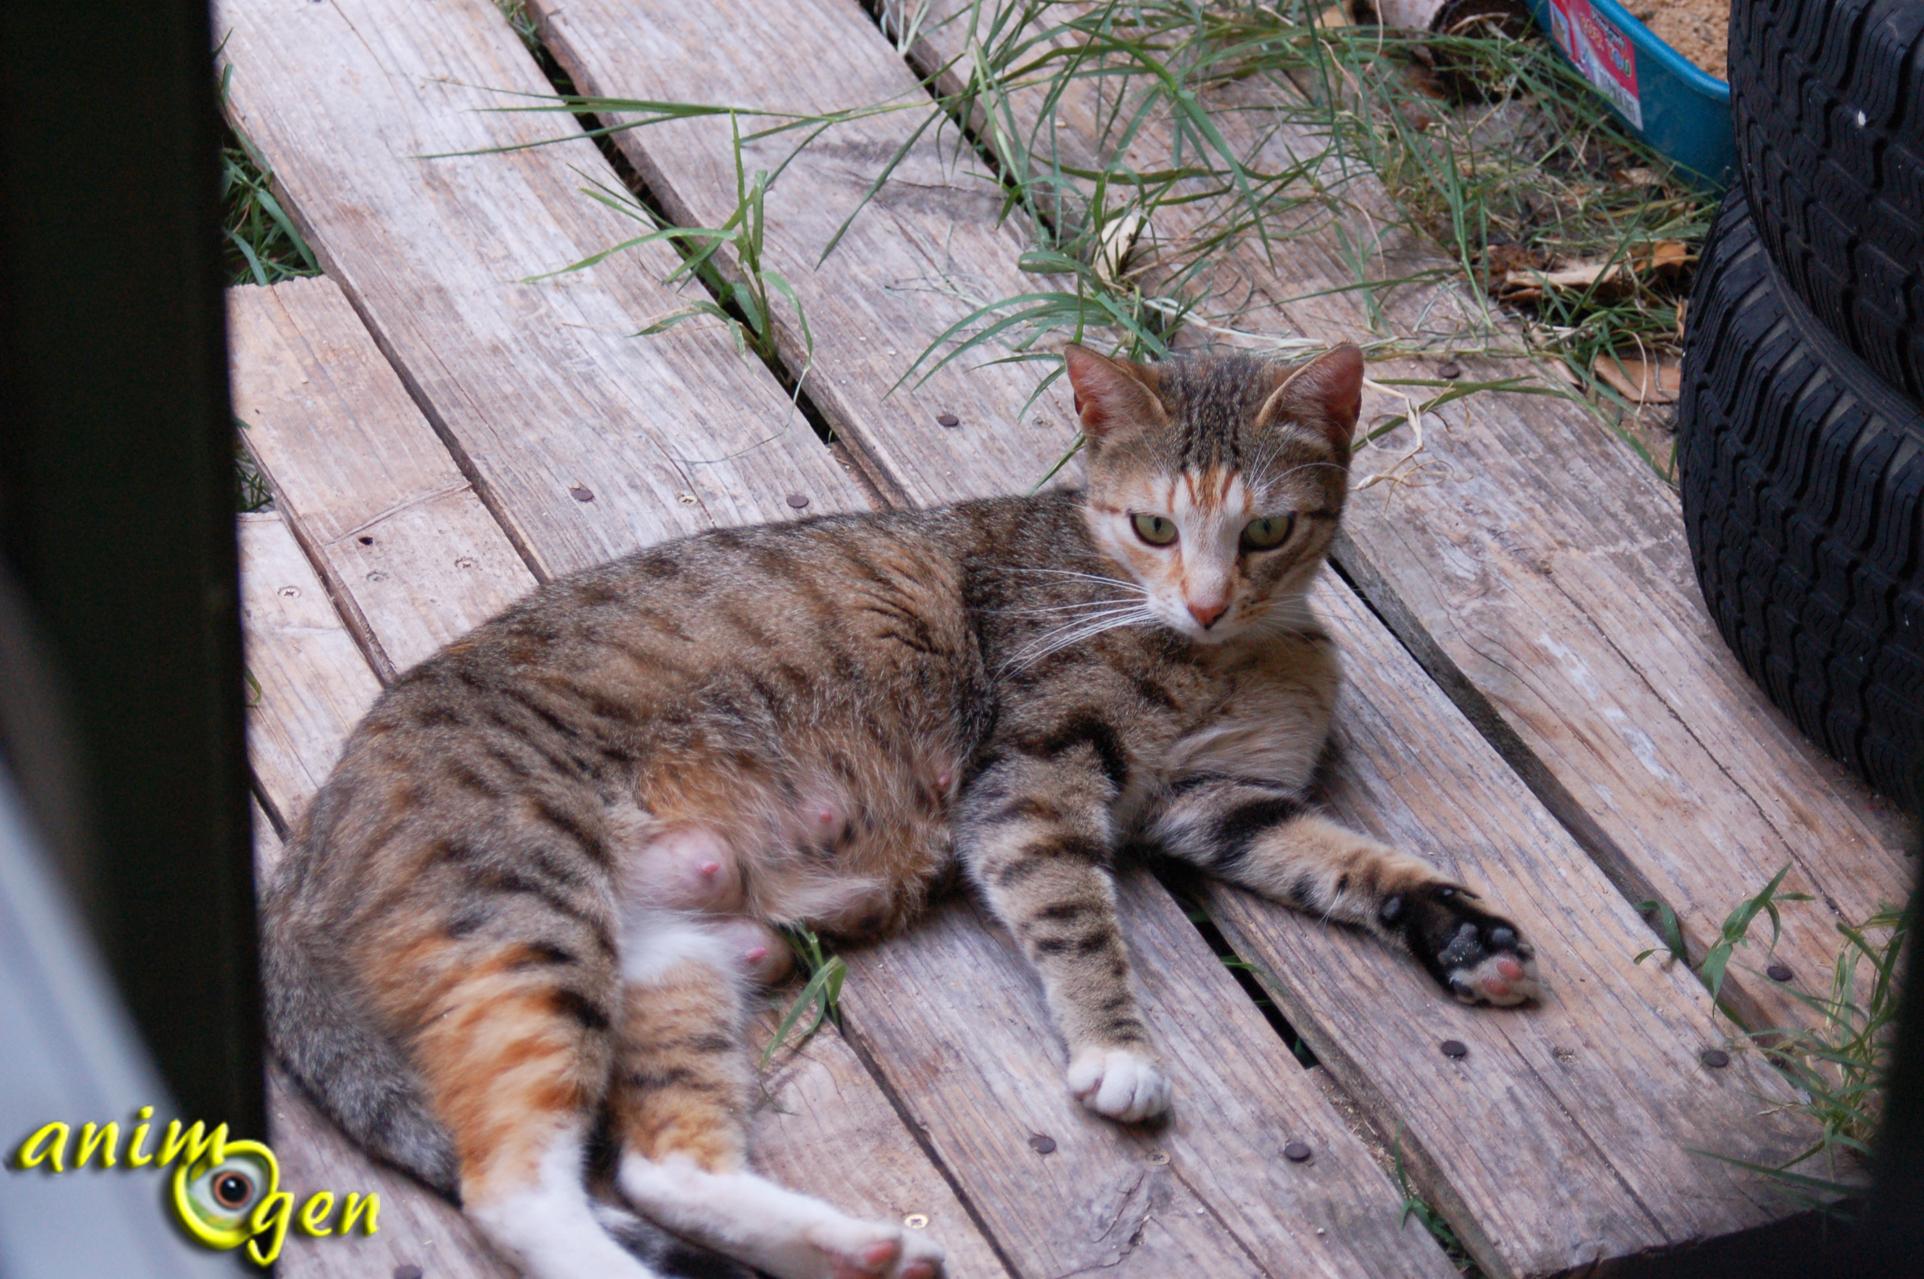 Sant comment savoir si une chatte est en chaleur - Comment savoir si une pasteque est mure ...